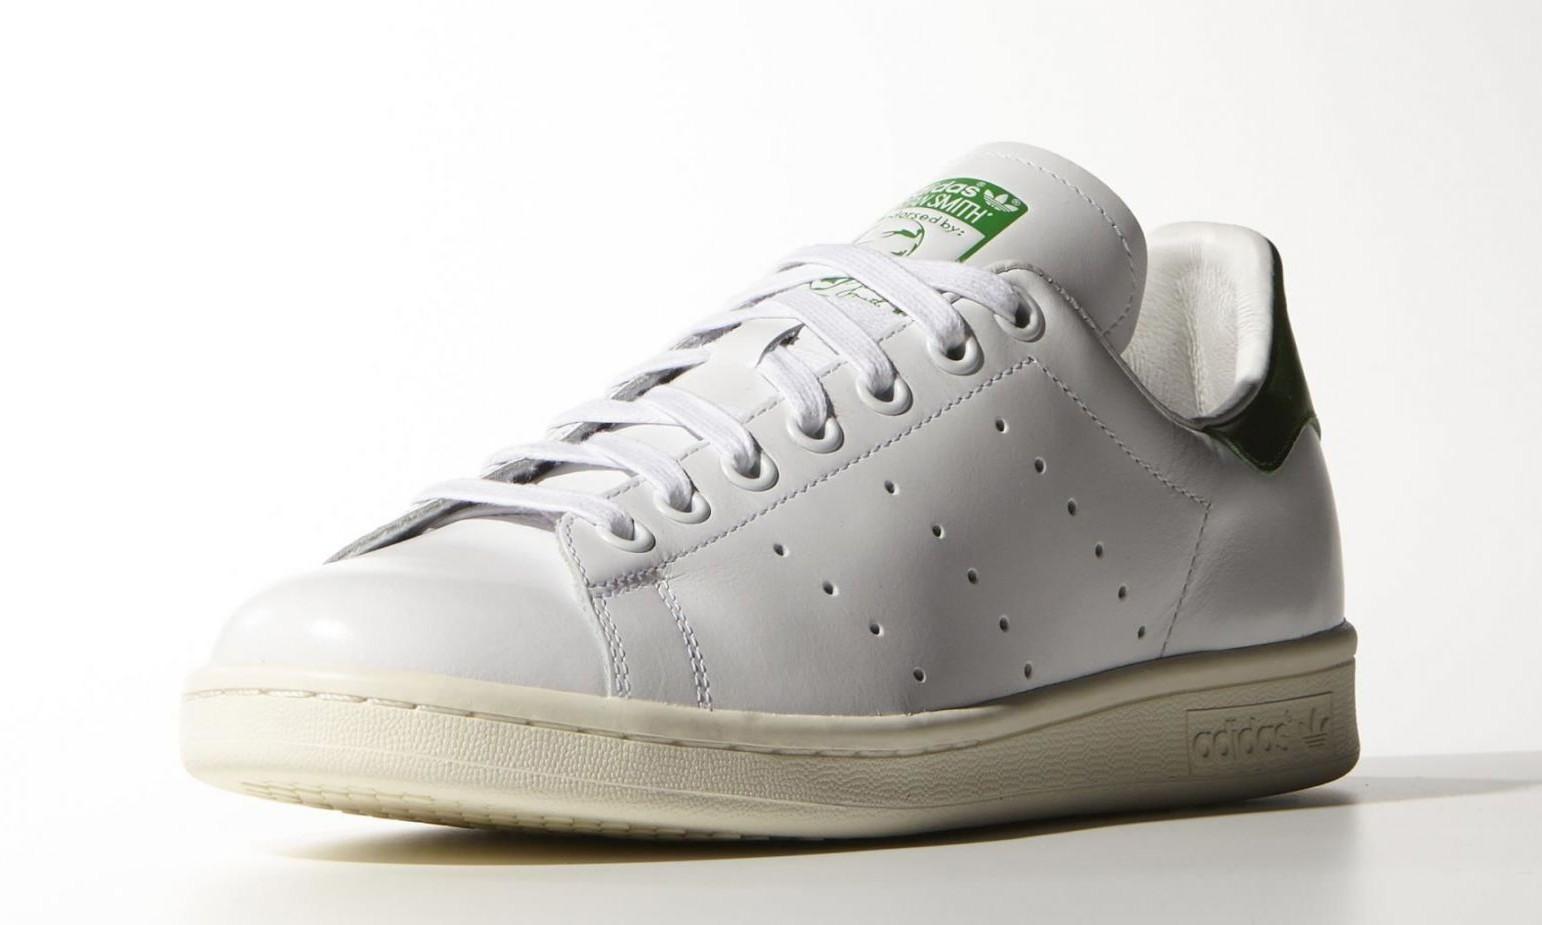 最接近元年版本,adidas Originals 新款 Stan Smith 释出